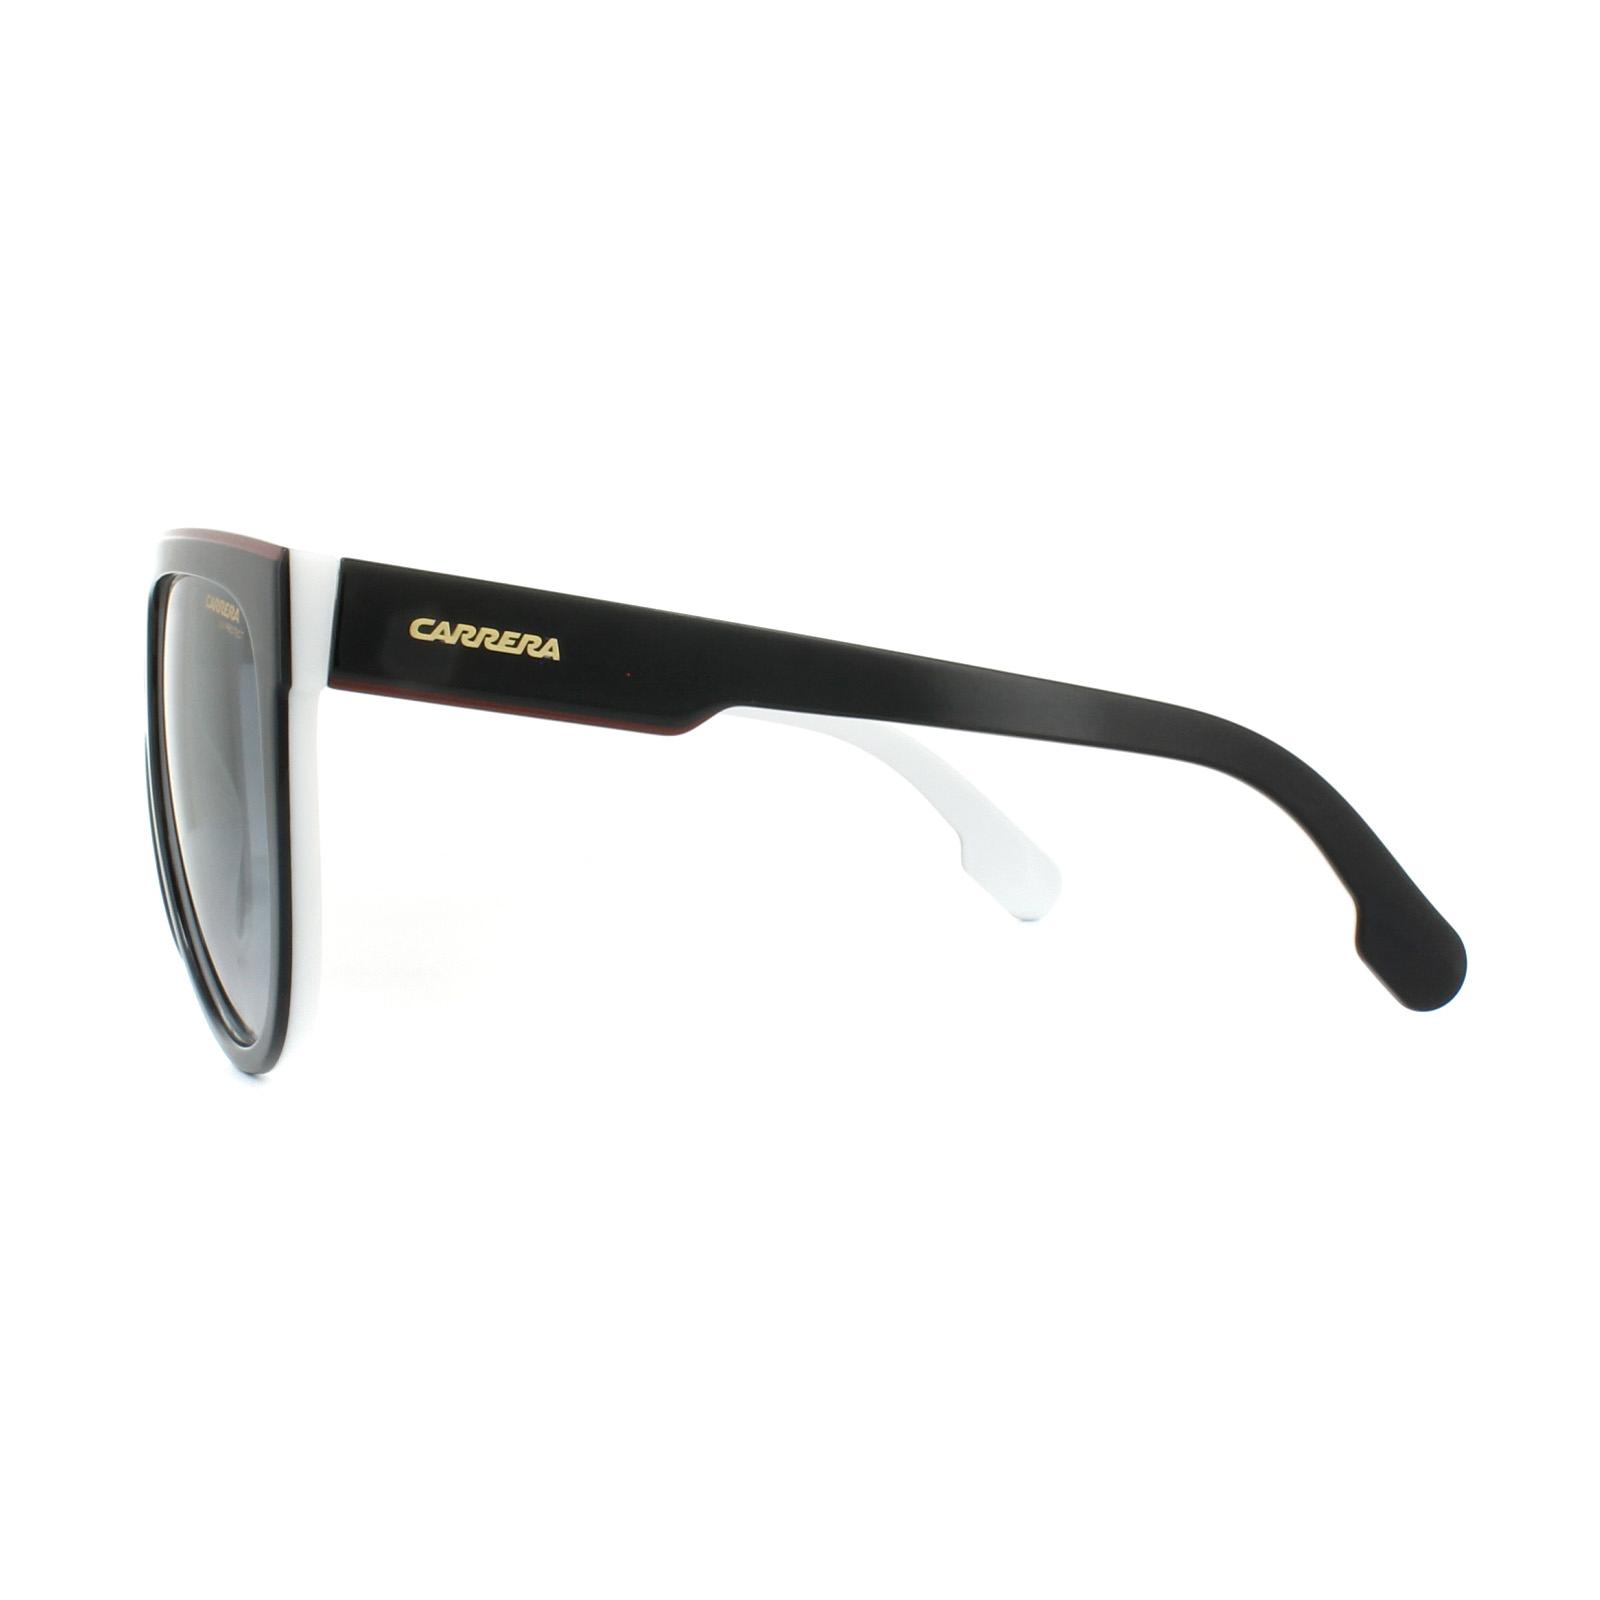 fb0bae43b1 Cheap Carrera Flagtop Sunglasses - Discounted Sunglasses